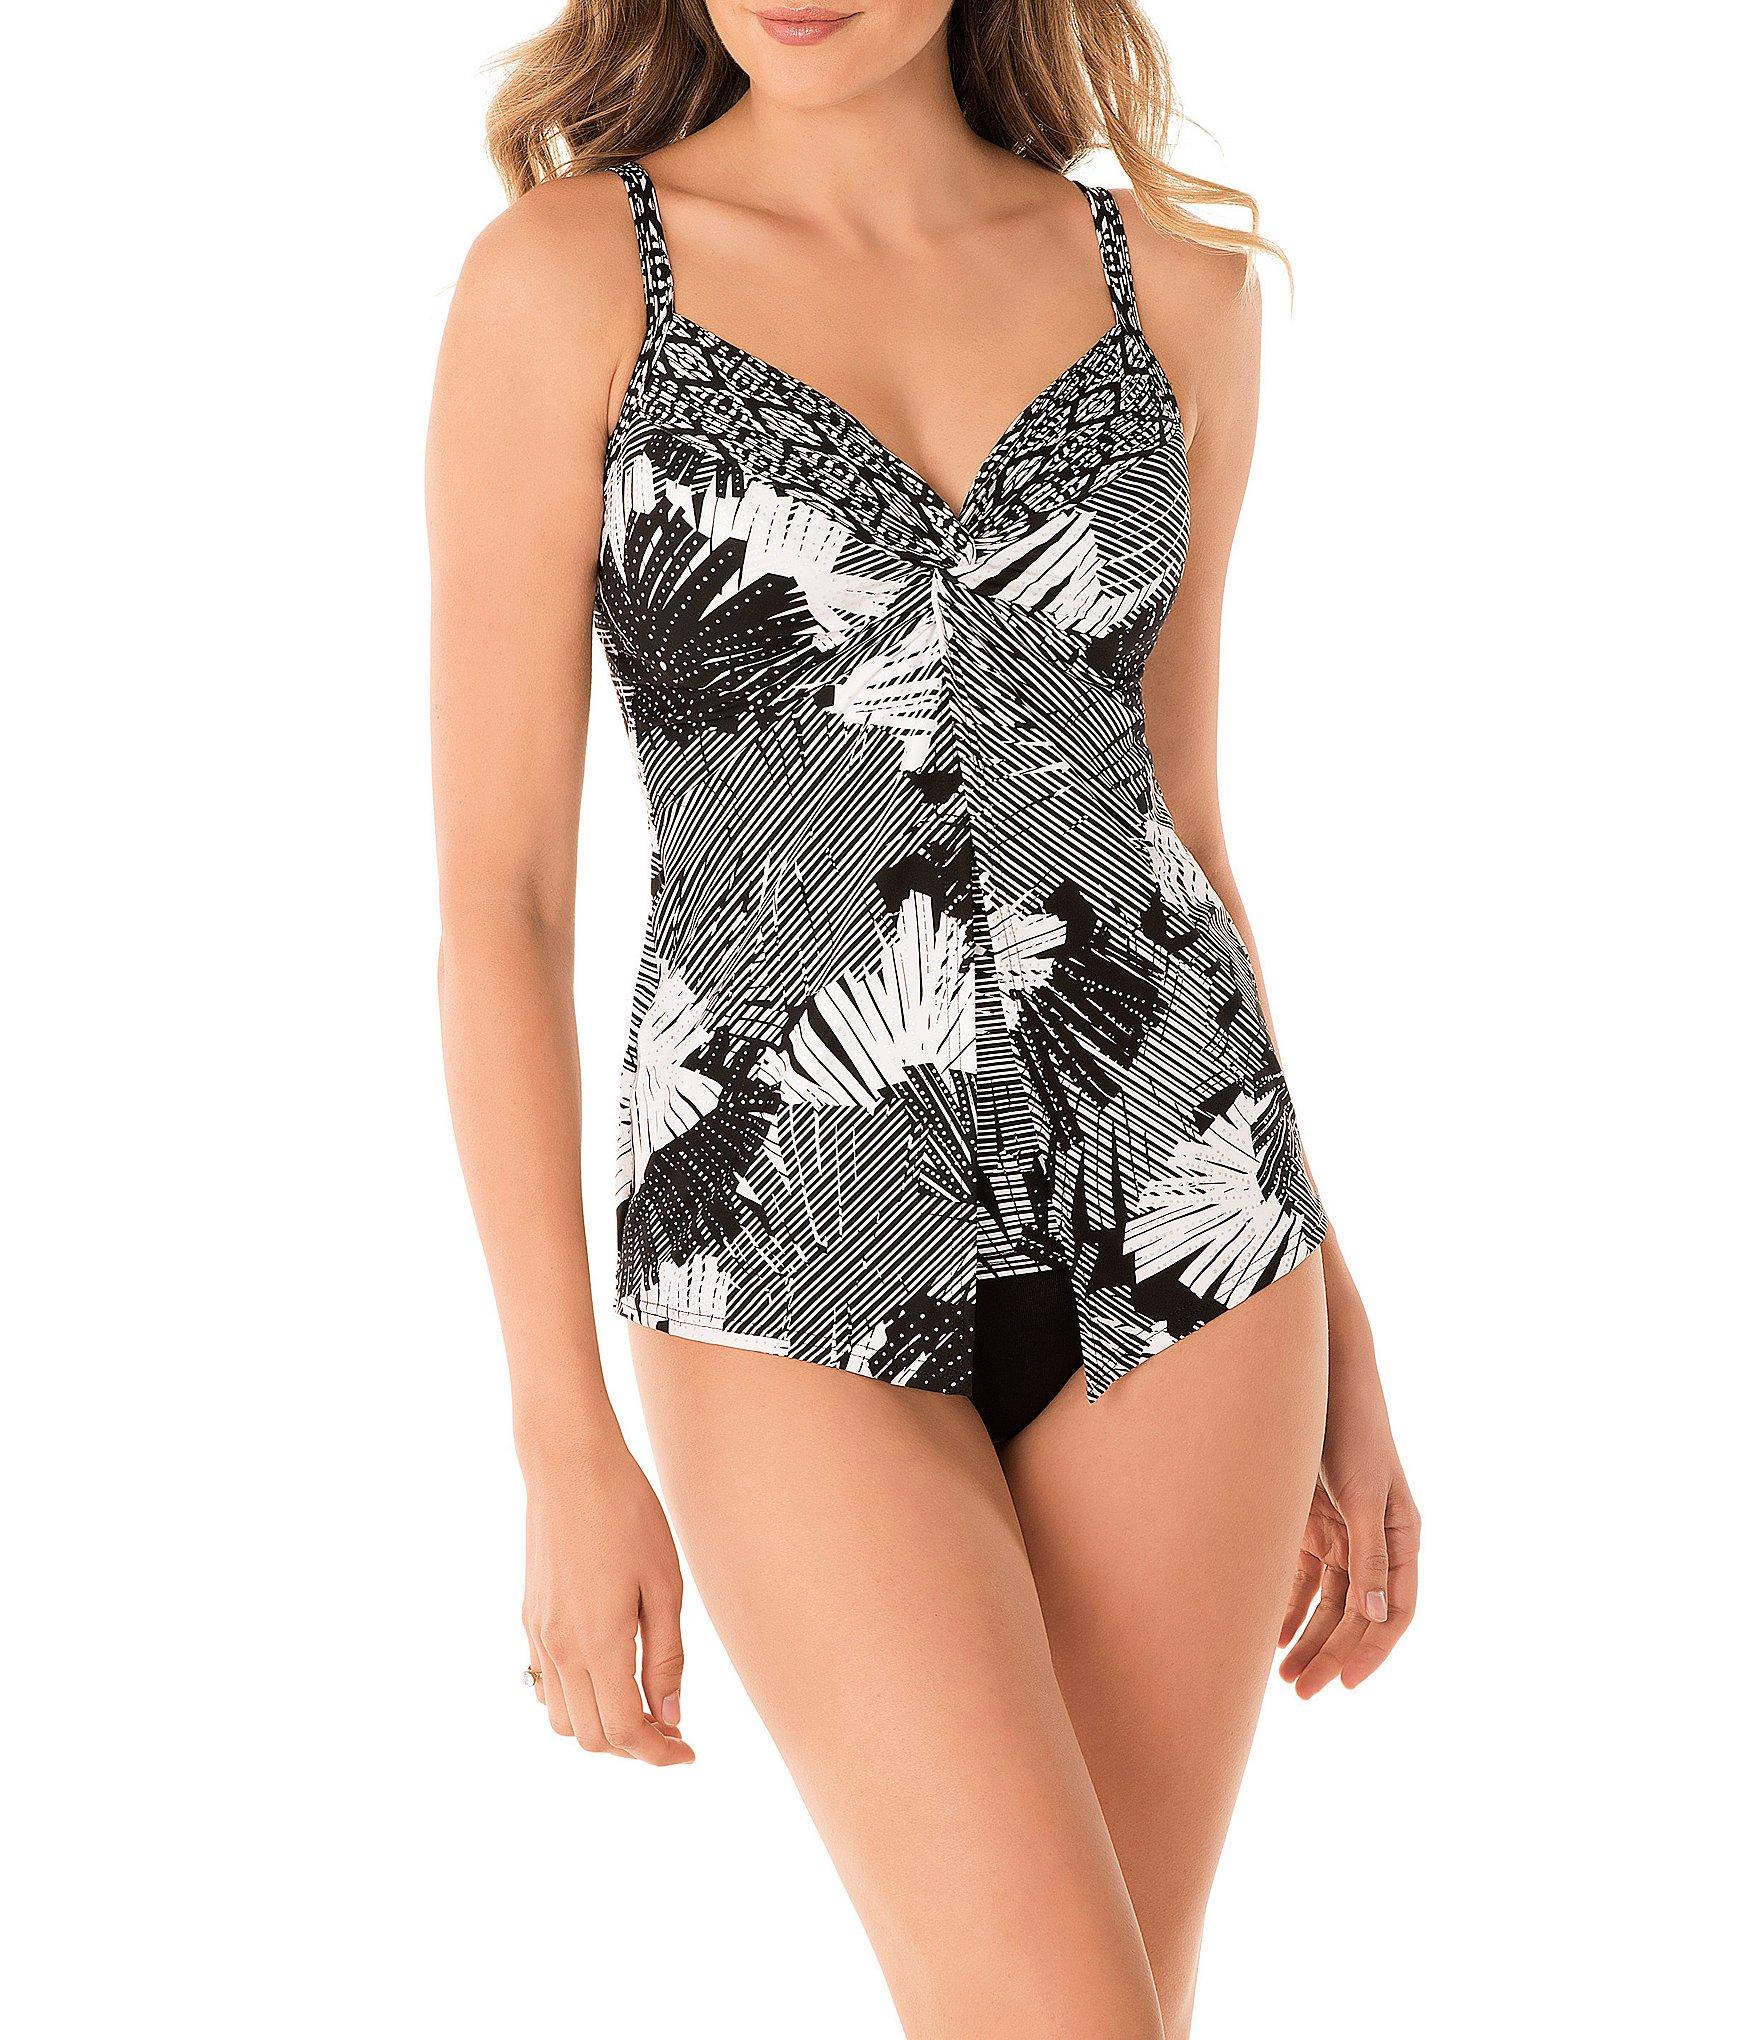 1f4a56af15 Tankini Women's Tankini & Halterkini Swimsuits | Dillard's